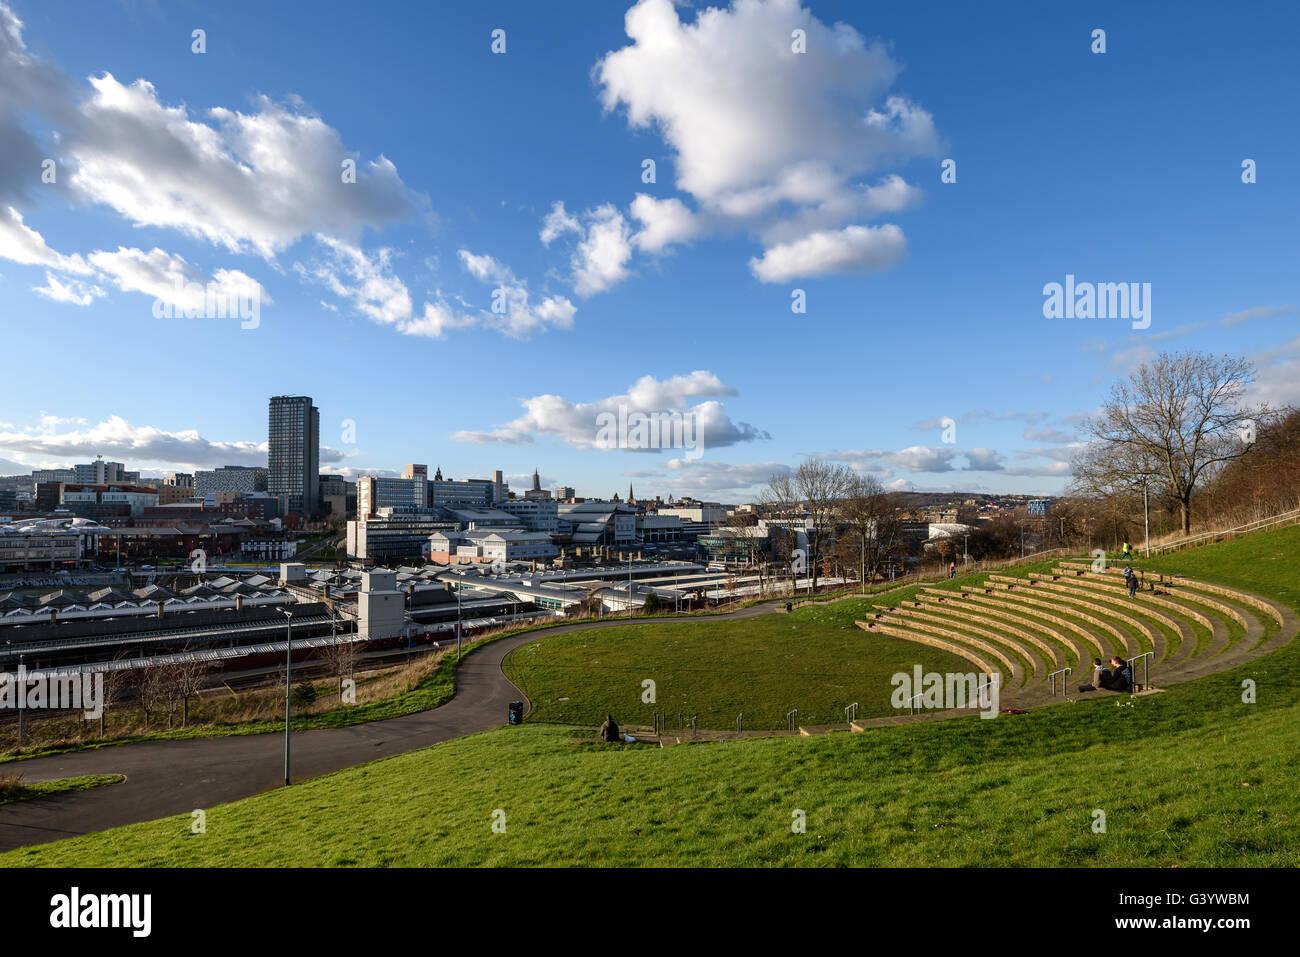 El anfiteatro en Sheffield es acoger eventos públicos en Sheffield, Inglaterra. Foto de stock